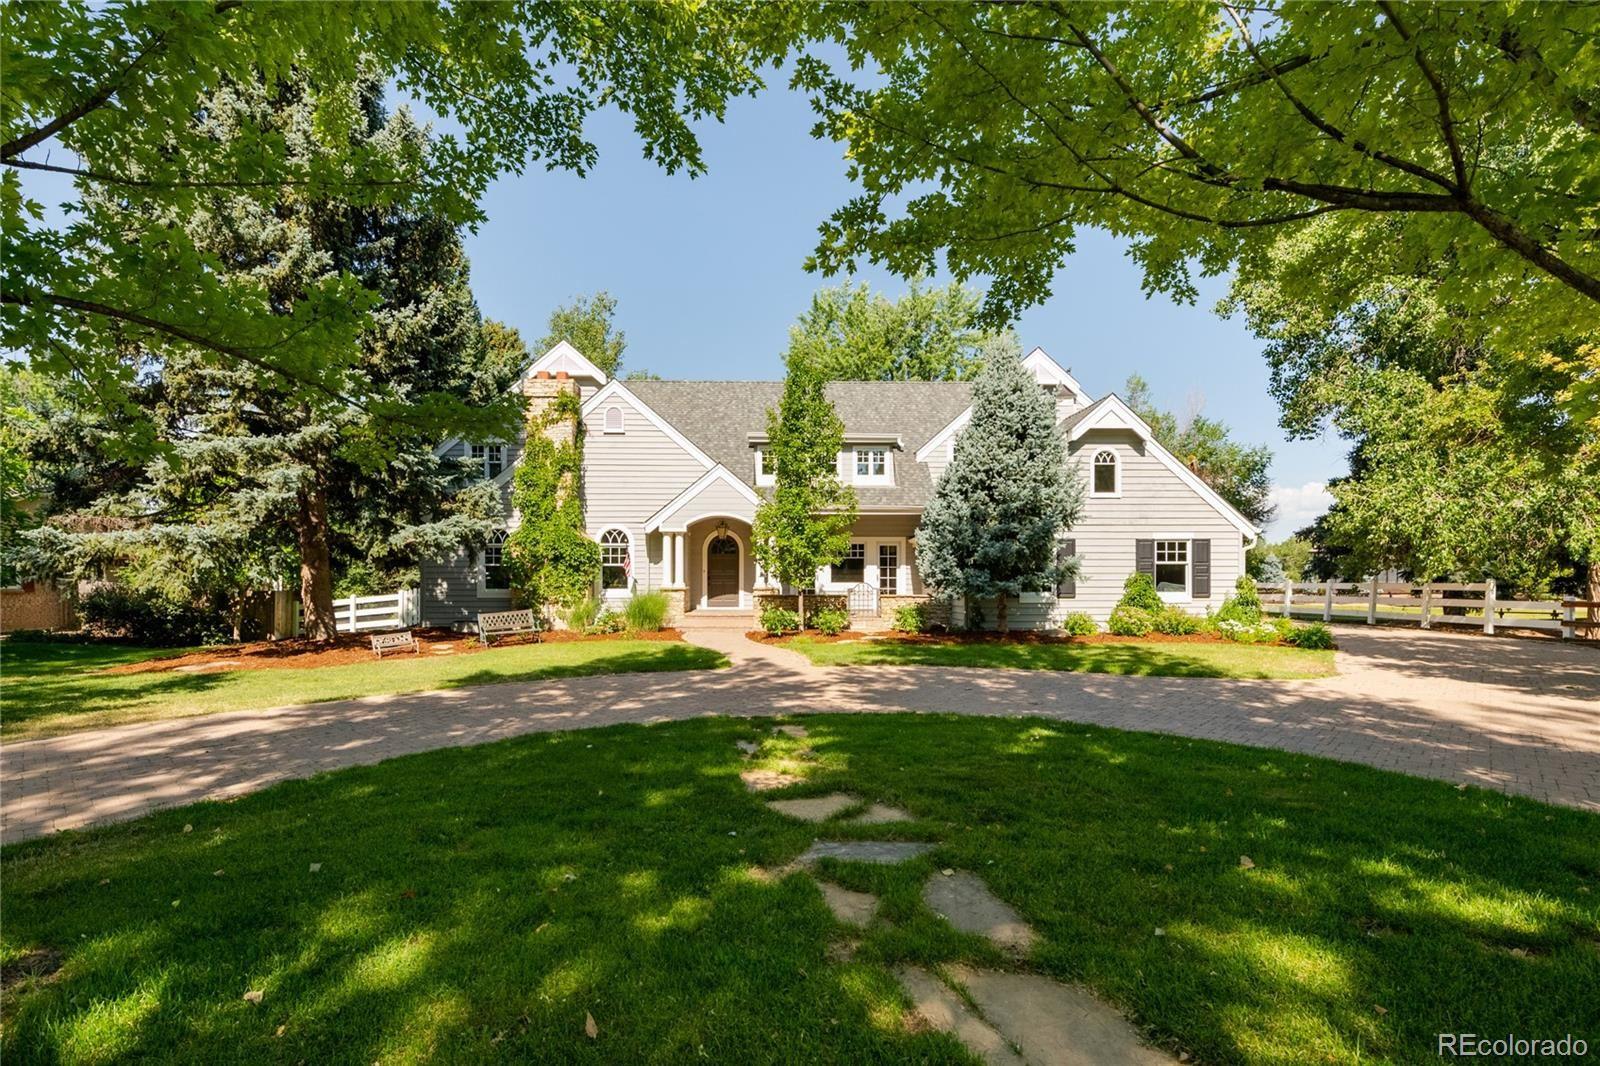 4775 S Ogden Street, Cherry Hills Village, CO 80113 - #: 4708557